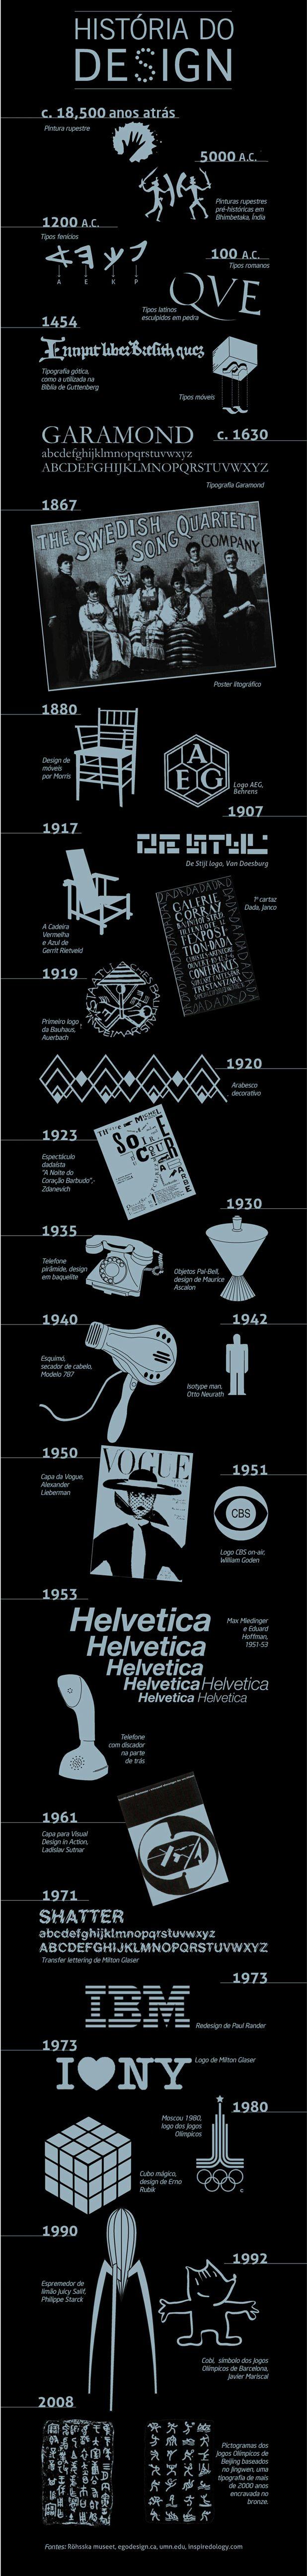 Uma linha do tempo do Design, esse infográfico lindoéo achado dessa semana. Passando por cada data é incrível perceber como o design perpassa a própria história da humanidade, suas evoluções tecnológicas e sociais. Claro que o designer que realizou esse apanhado fez escolhas entre o que colocar ou não. Quais são os momentos mais marcantes […]